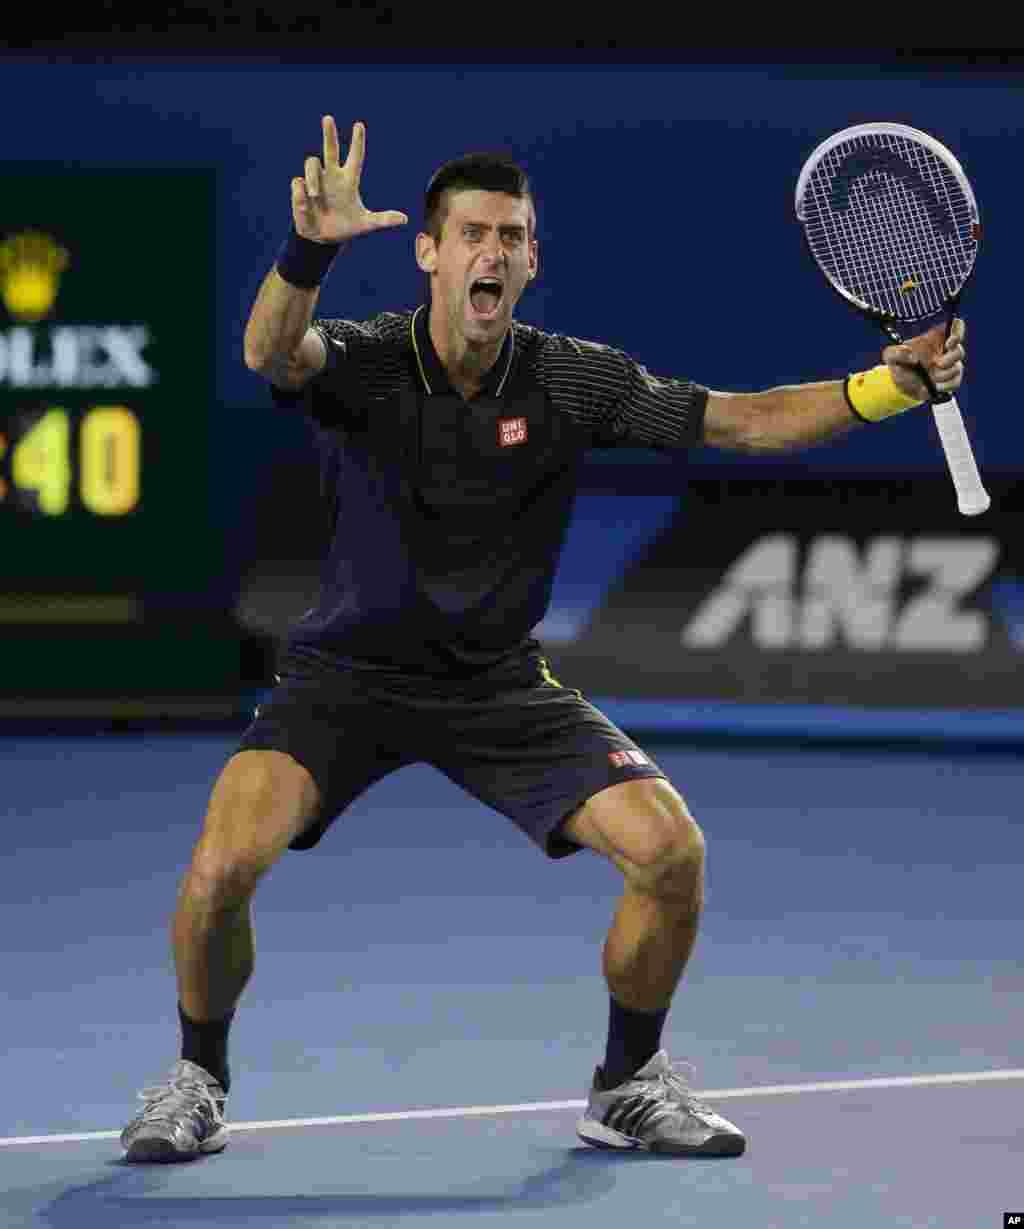 Treća uzastopna titula u Melburnu, radost čoveka koji je danas ušao u tenisku istoriju